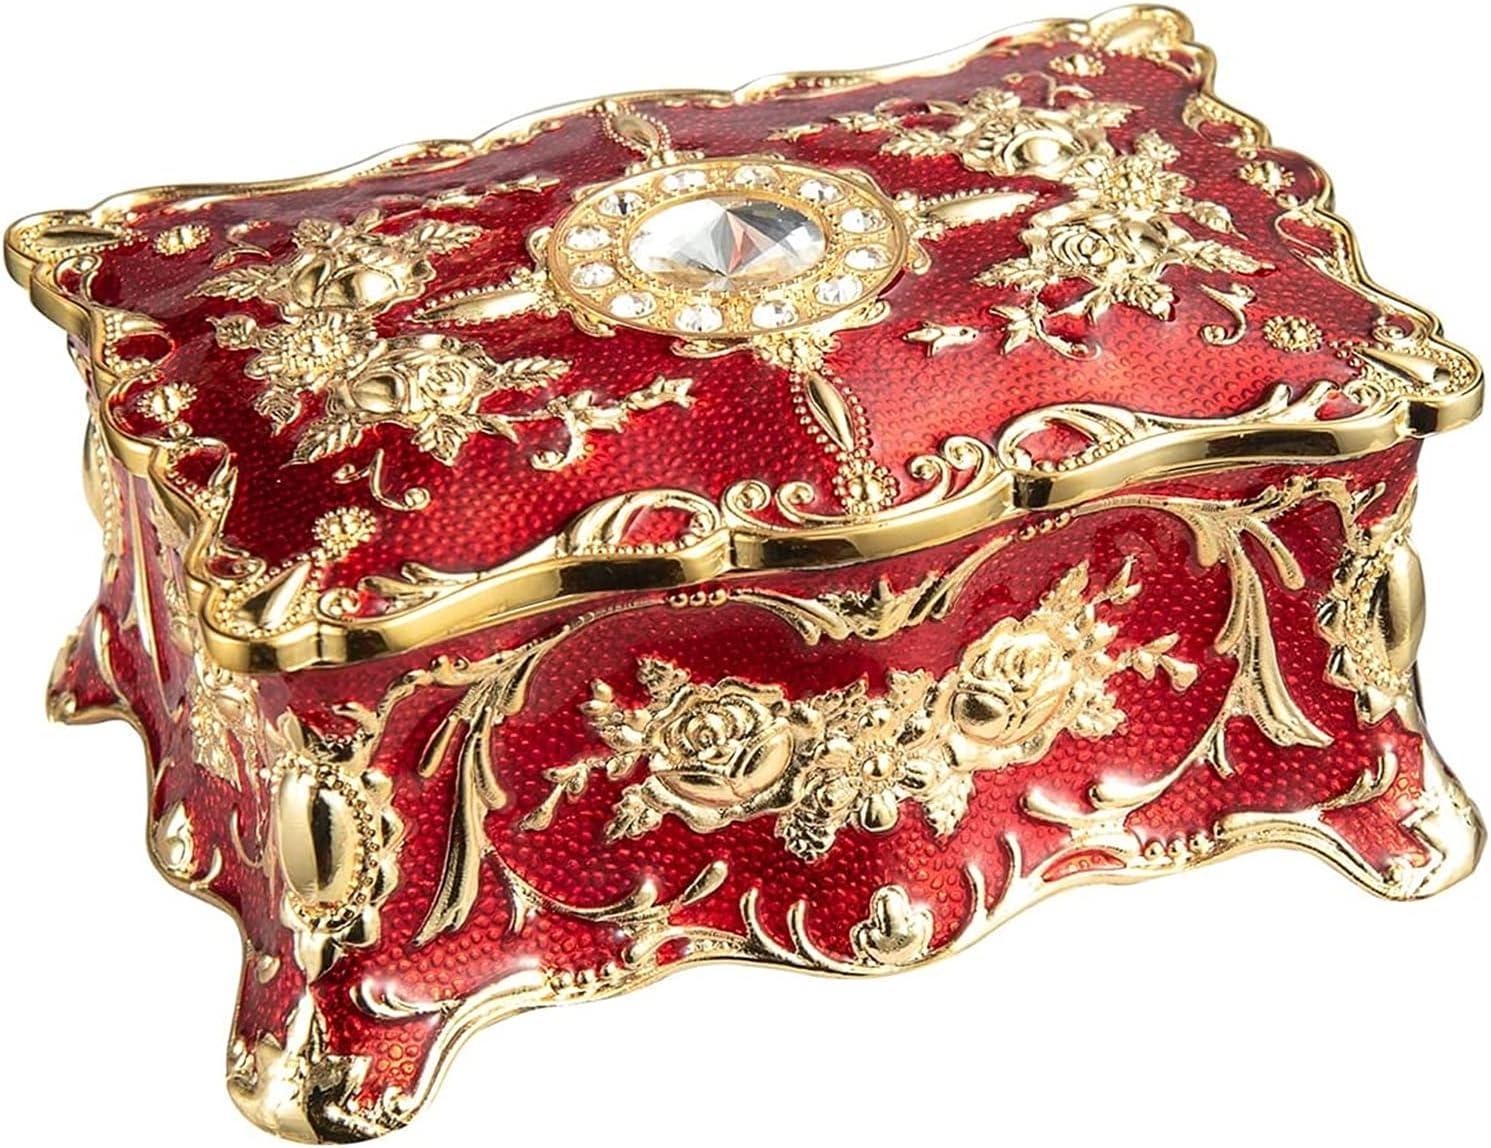 HAOKTSB Caja de almacenaje Rectángulo Vintage Rojo Tiny Tiny Tinket Caja de joyería Adornada Antigua Acabado Grabado Organizador Caja Caja de Almacenamiento de Joyas